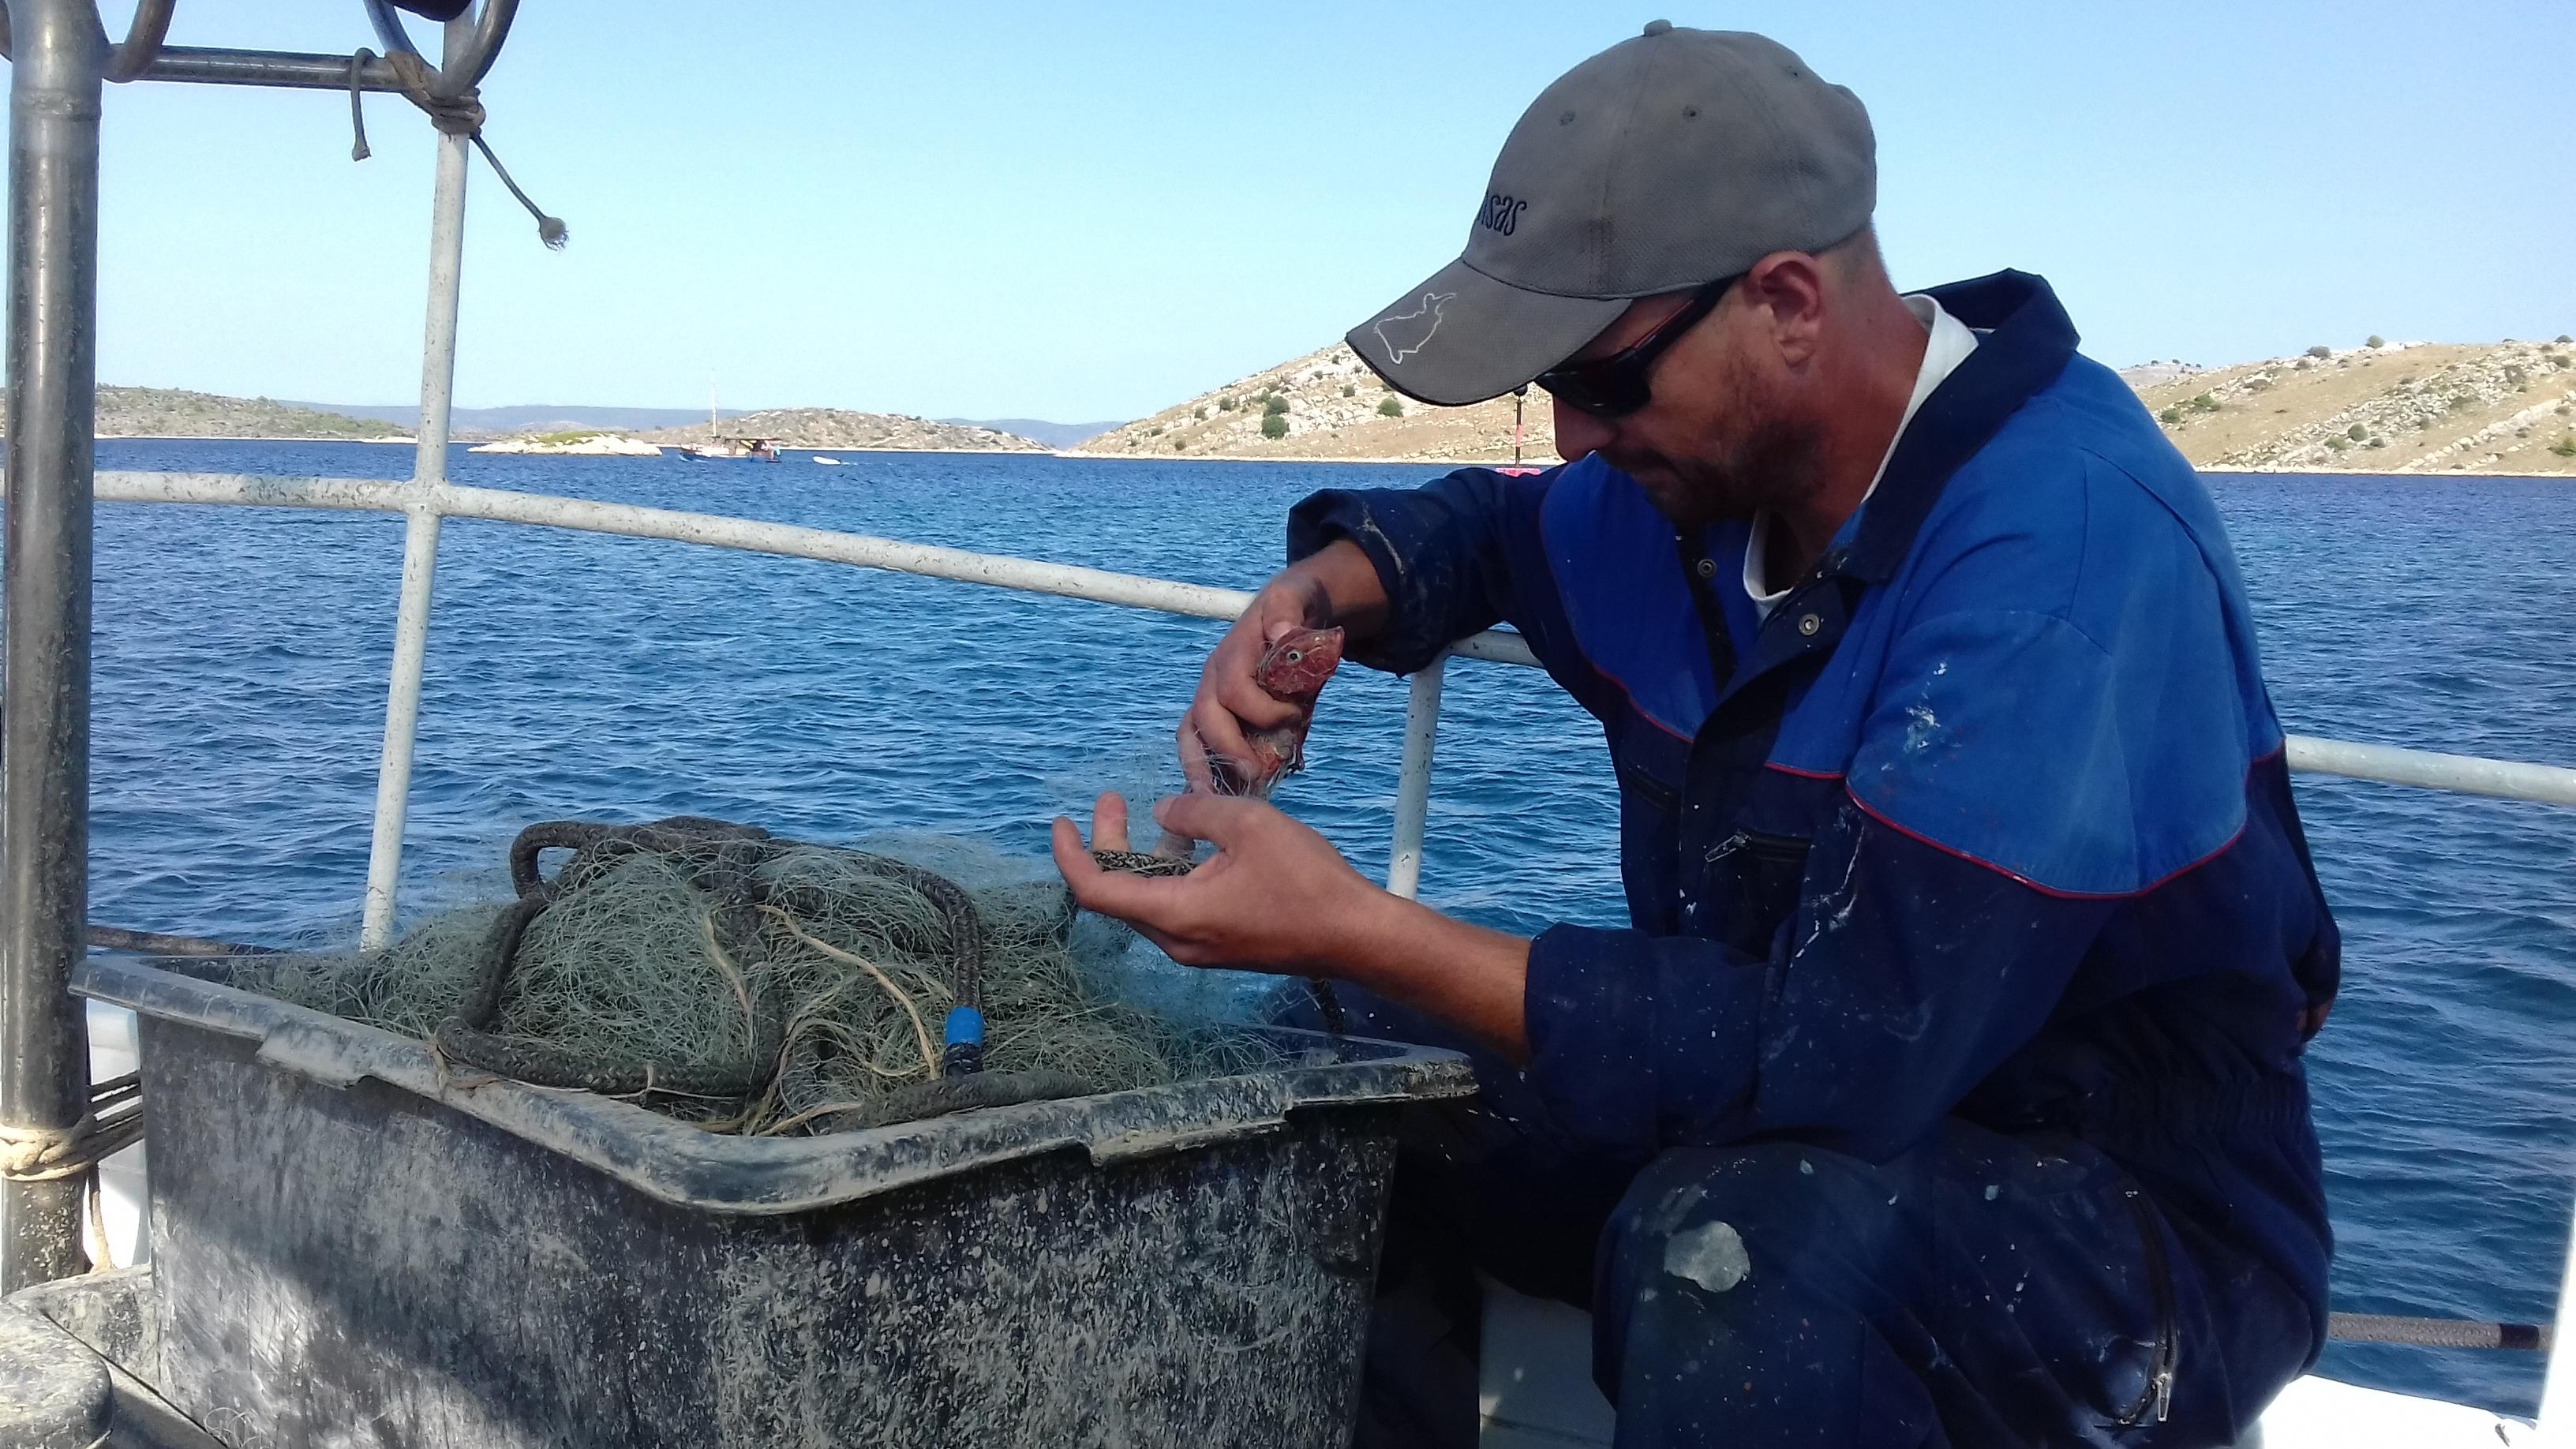 Meni triba duplo više vrimena za istu količinu rib' nego mi je tribalo prije - Sebastian Raljević / Snimio Boris PAVELIĆ